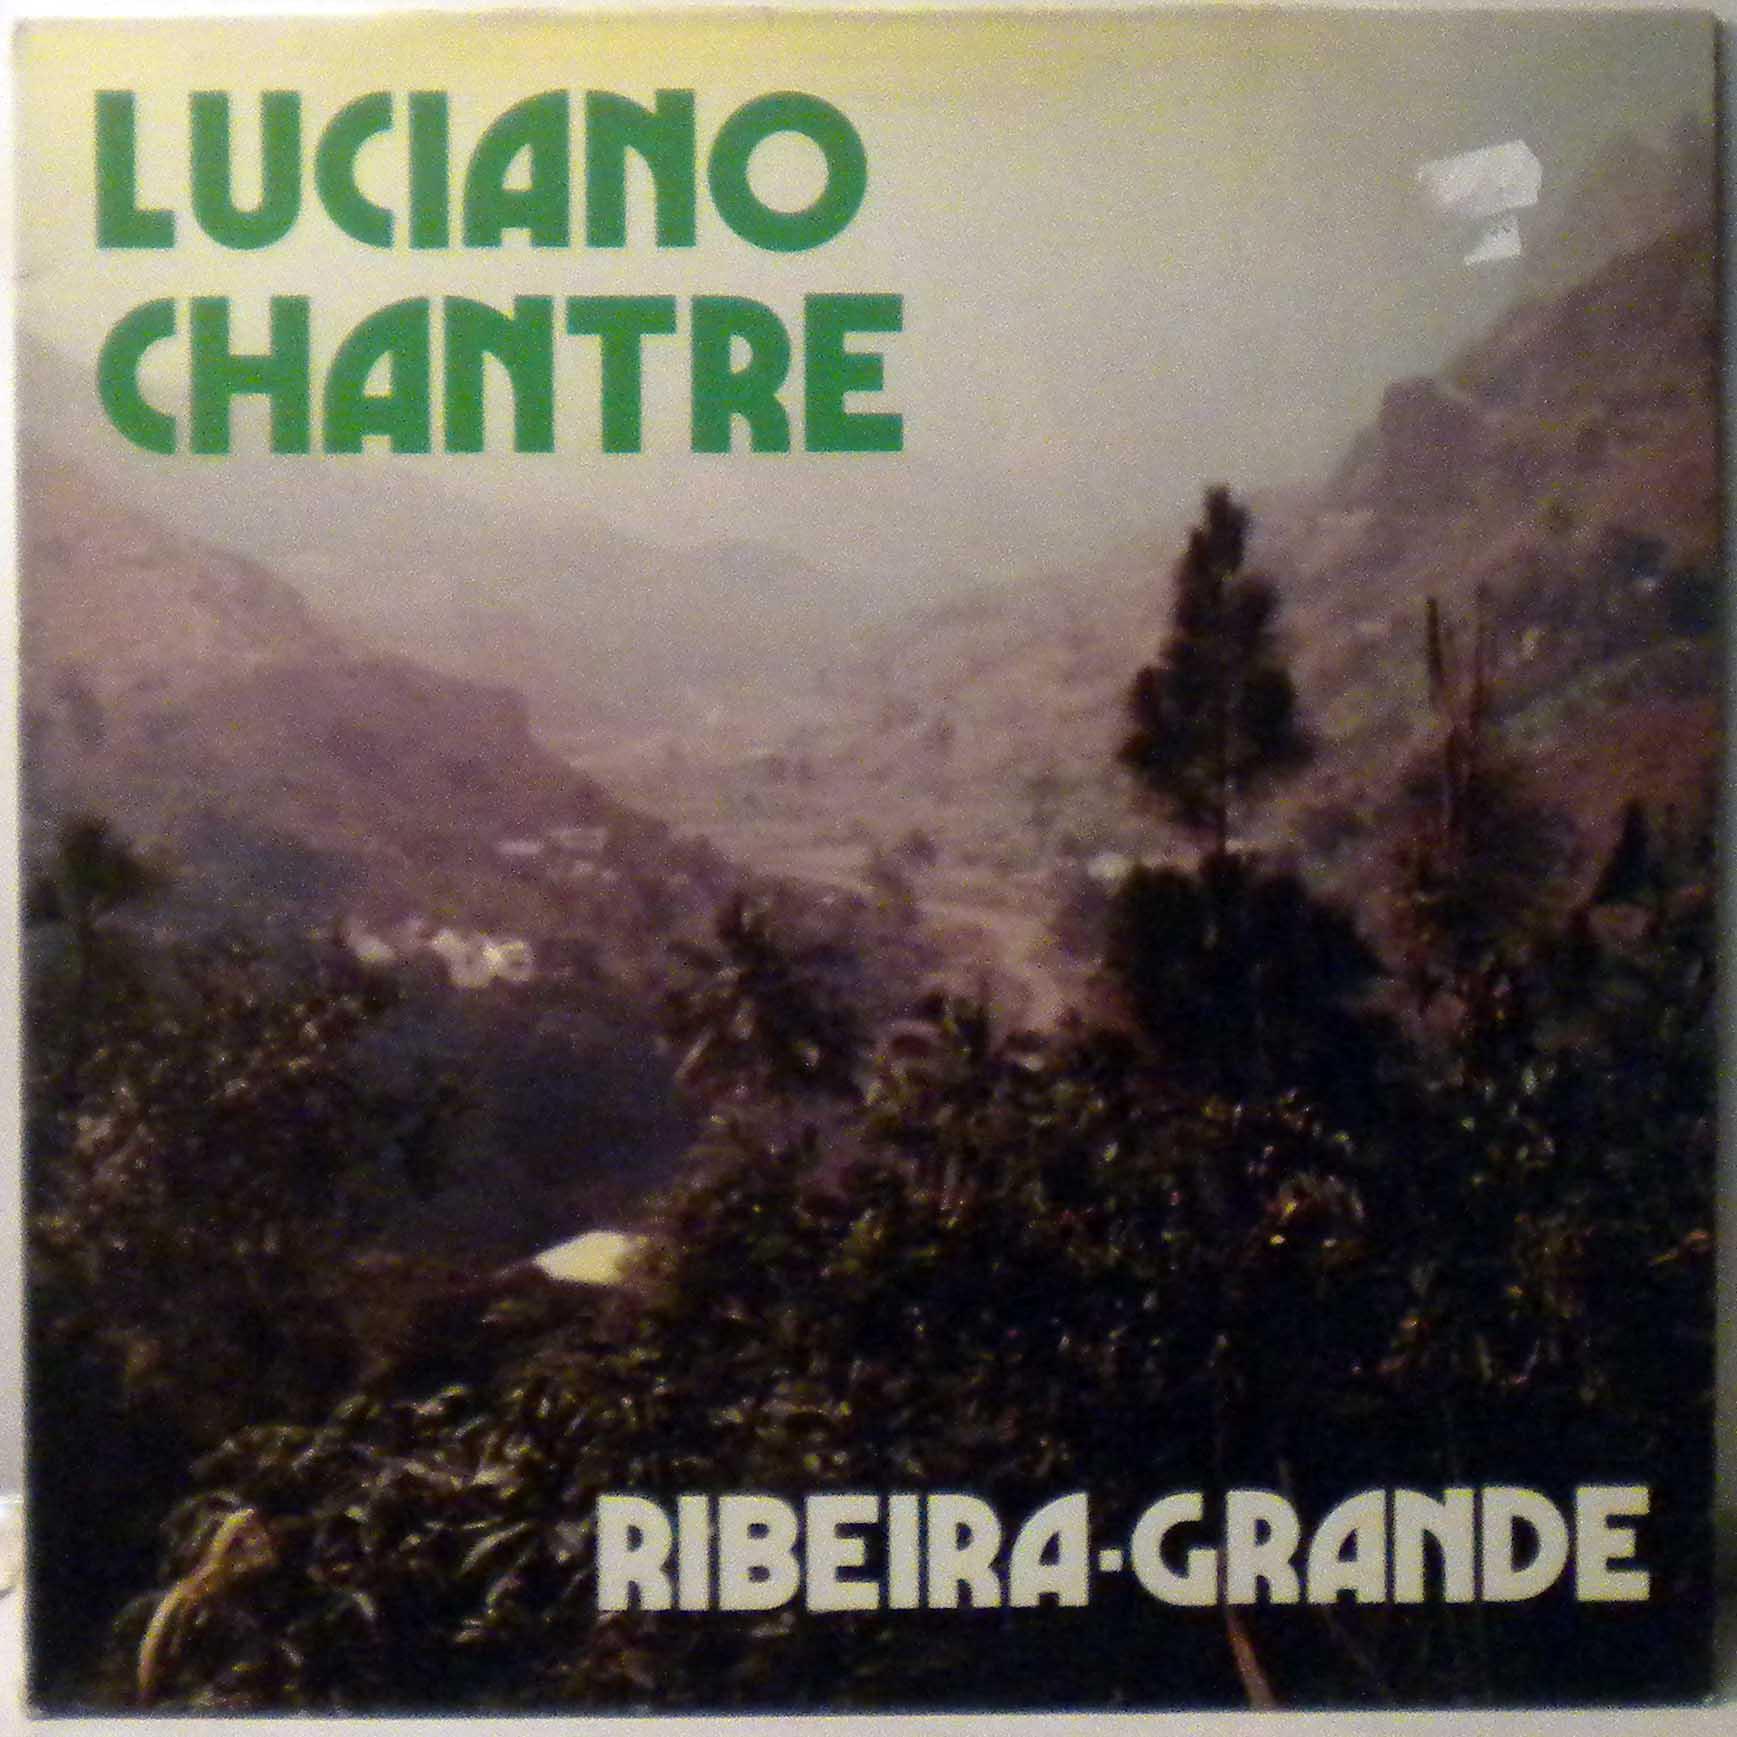 LUCIANO CHANTRE - Ribeira grande - LP